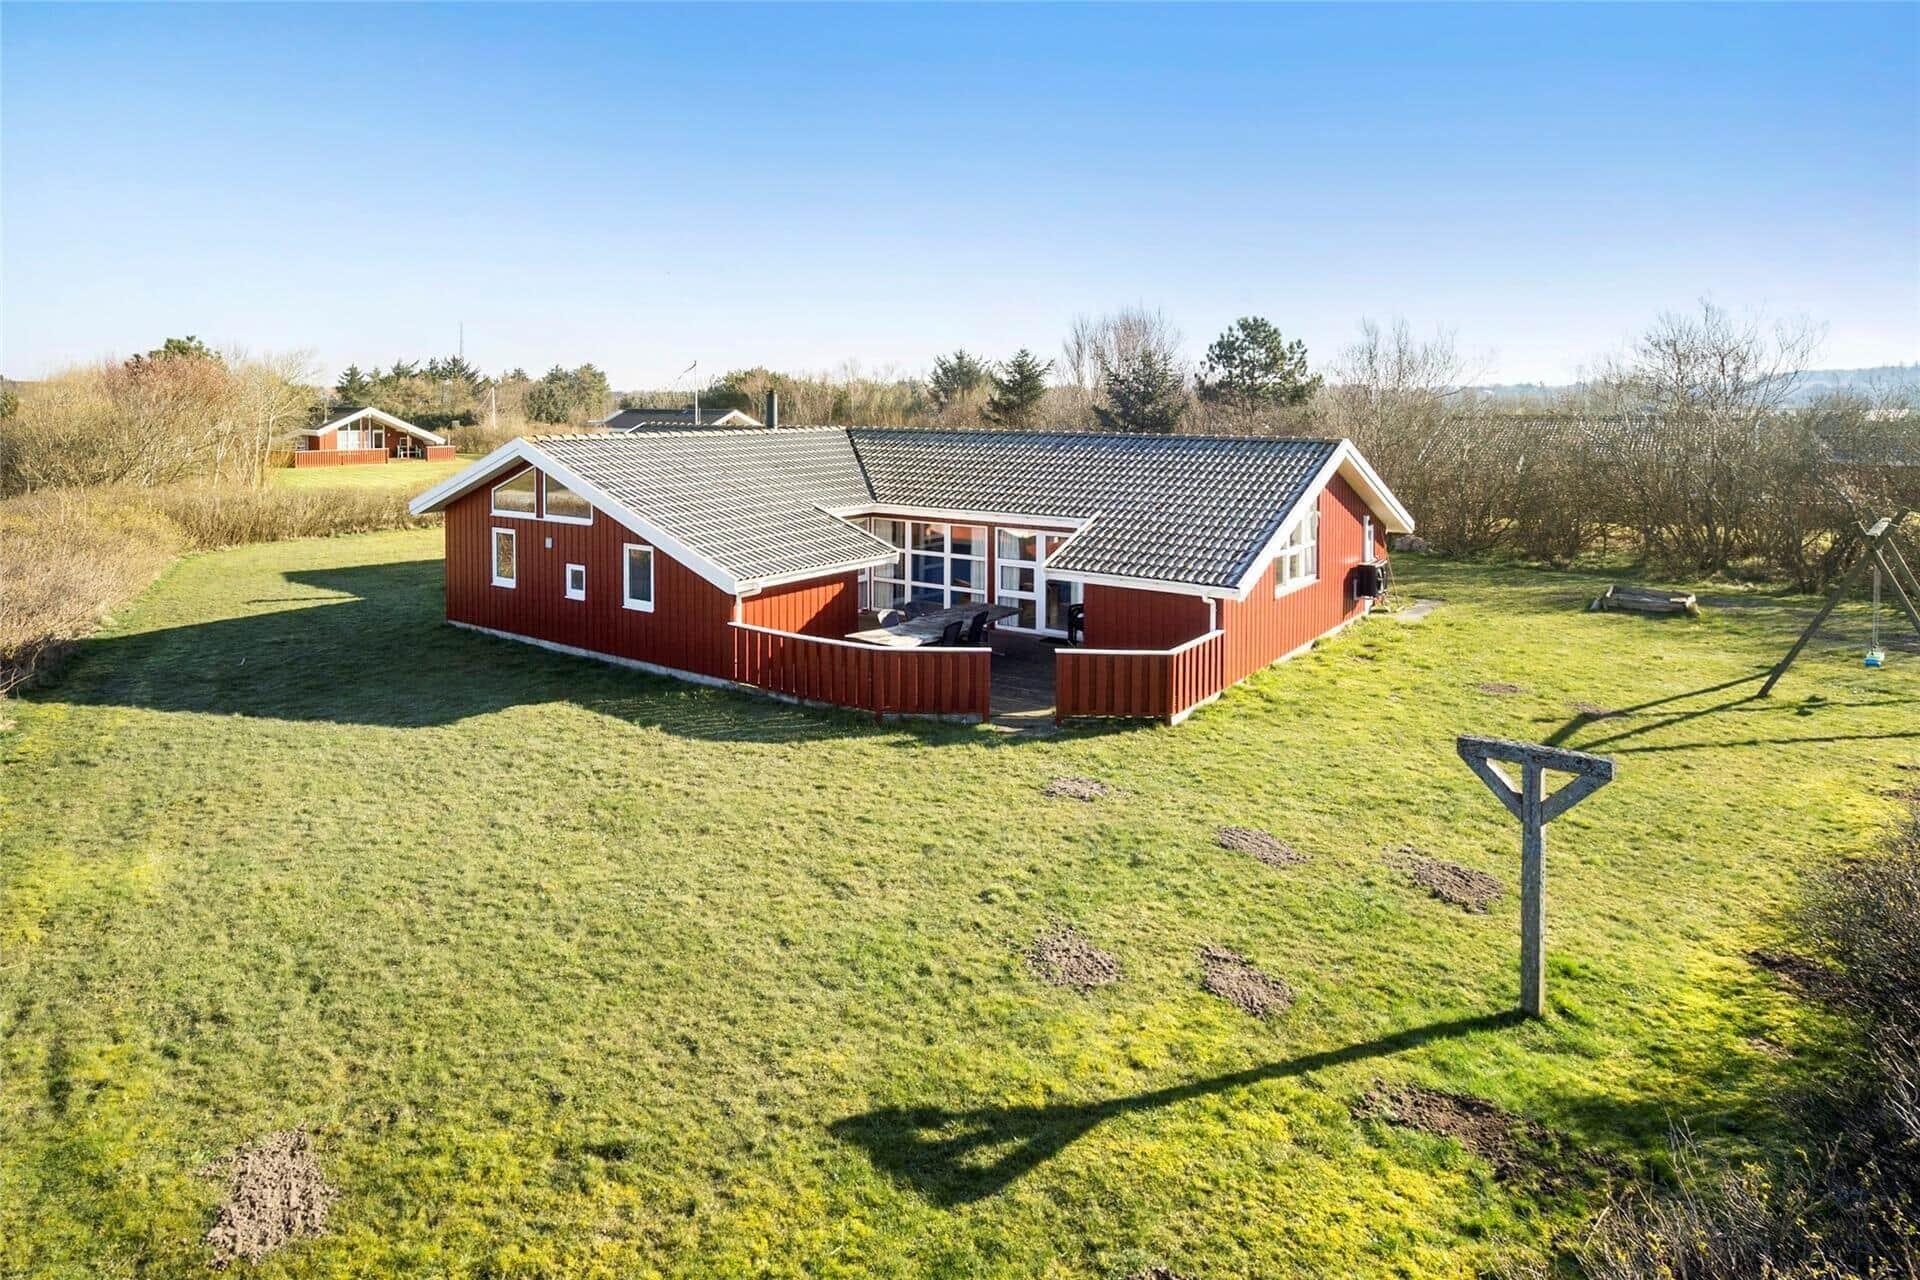 Billede 0-178 Sommerhus LN1782, Skærgårdsvej 7, DK - 9800 Hjørring